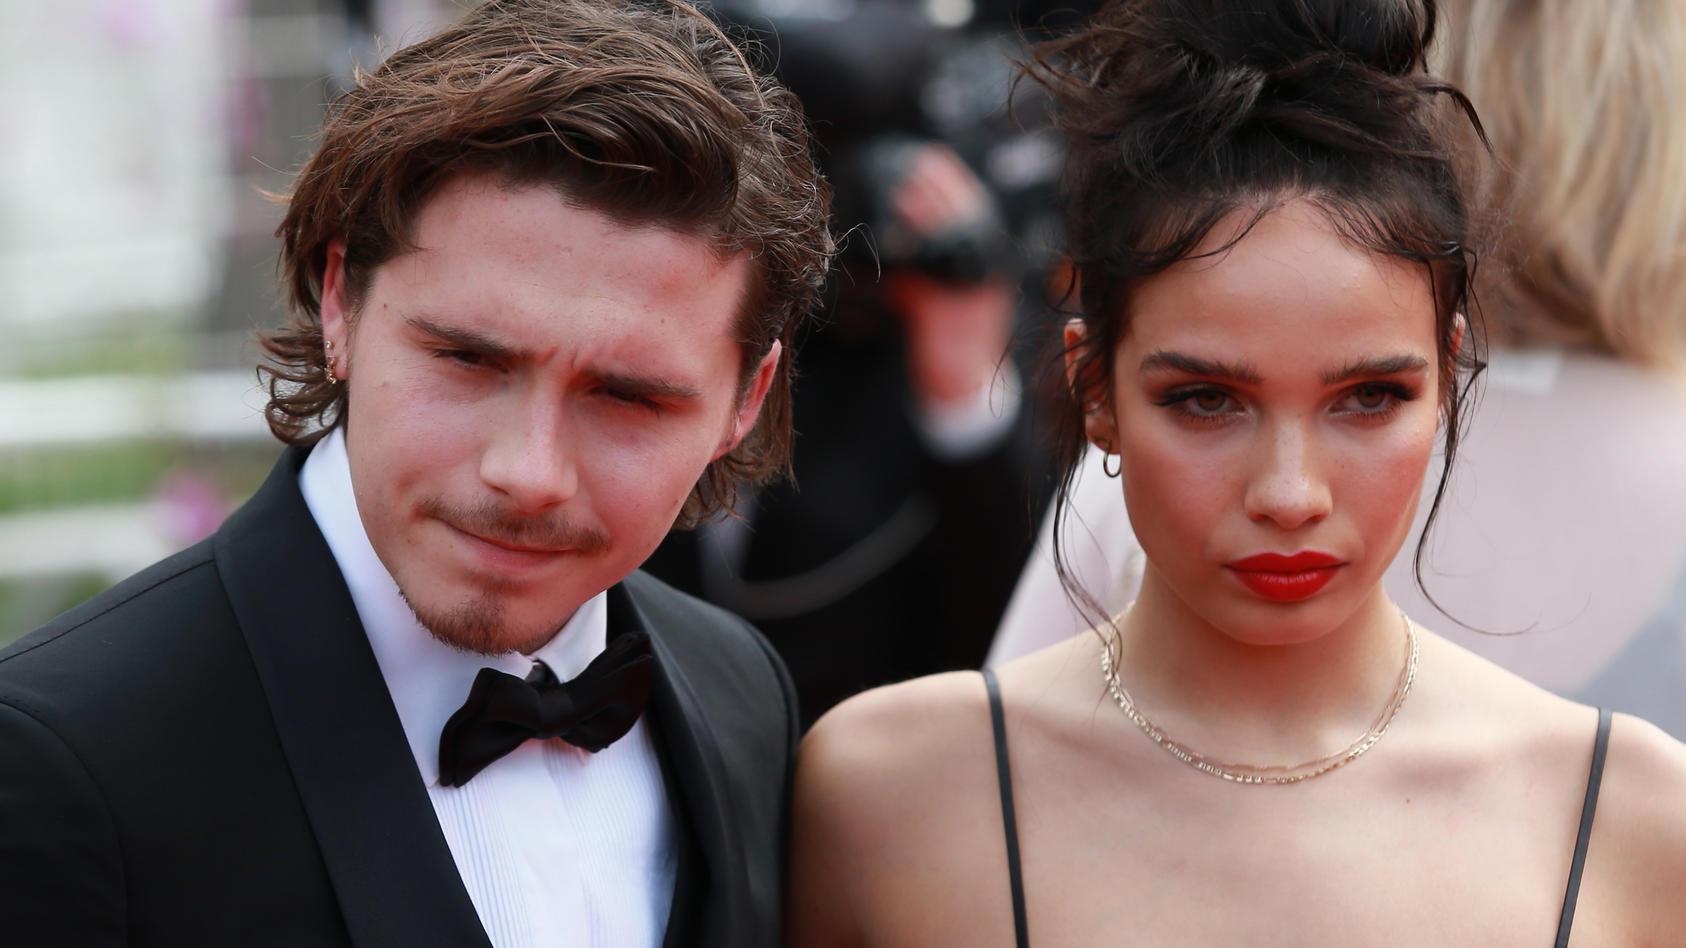 """Vor der Premiere von """"Once Upon a Time... in Hollywood"""" scheint die Stimmung schon angespannt zwischen Brooklyn Beckham und seiner Freundin Hana Cross."""